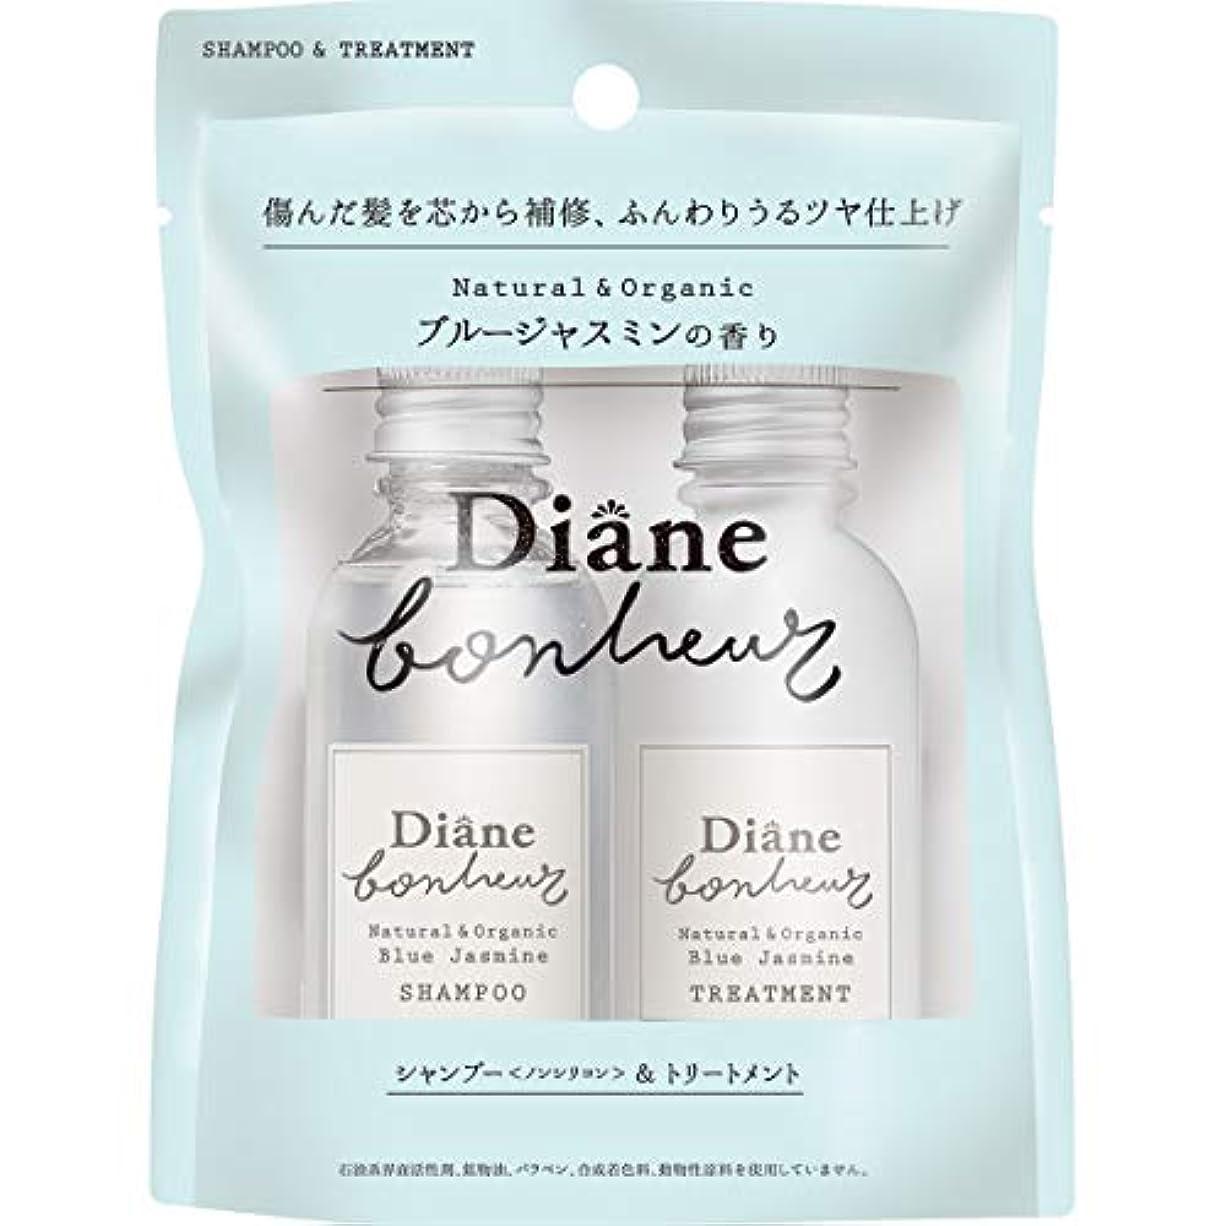 癒すミッションやむを得ないダイアン ボヌール ブルージャスミンの香り シャンプー&トリートメント トライアル ダメージリペア&シャイン 40ml×2